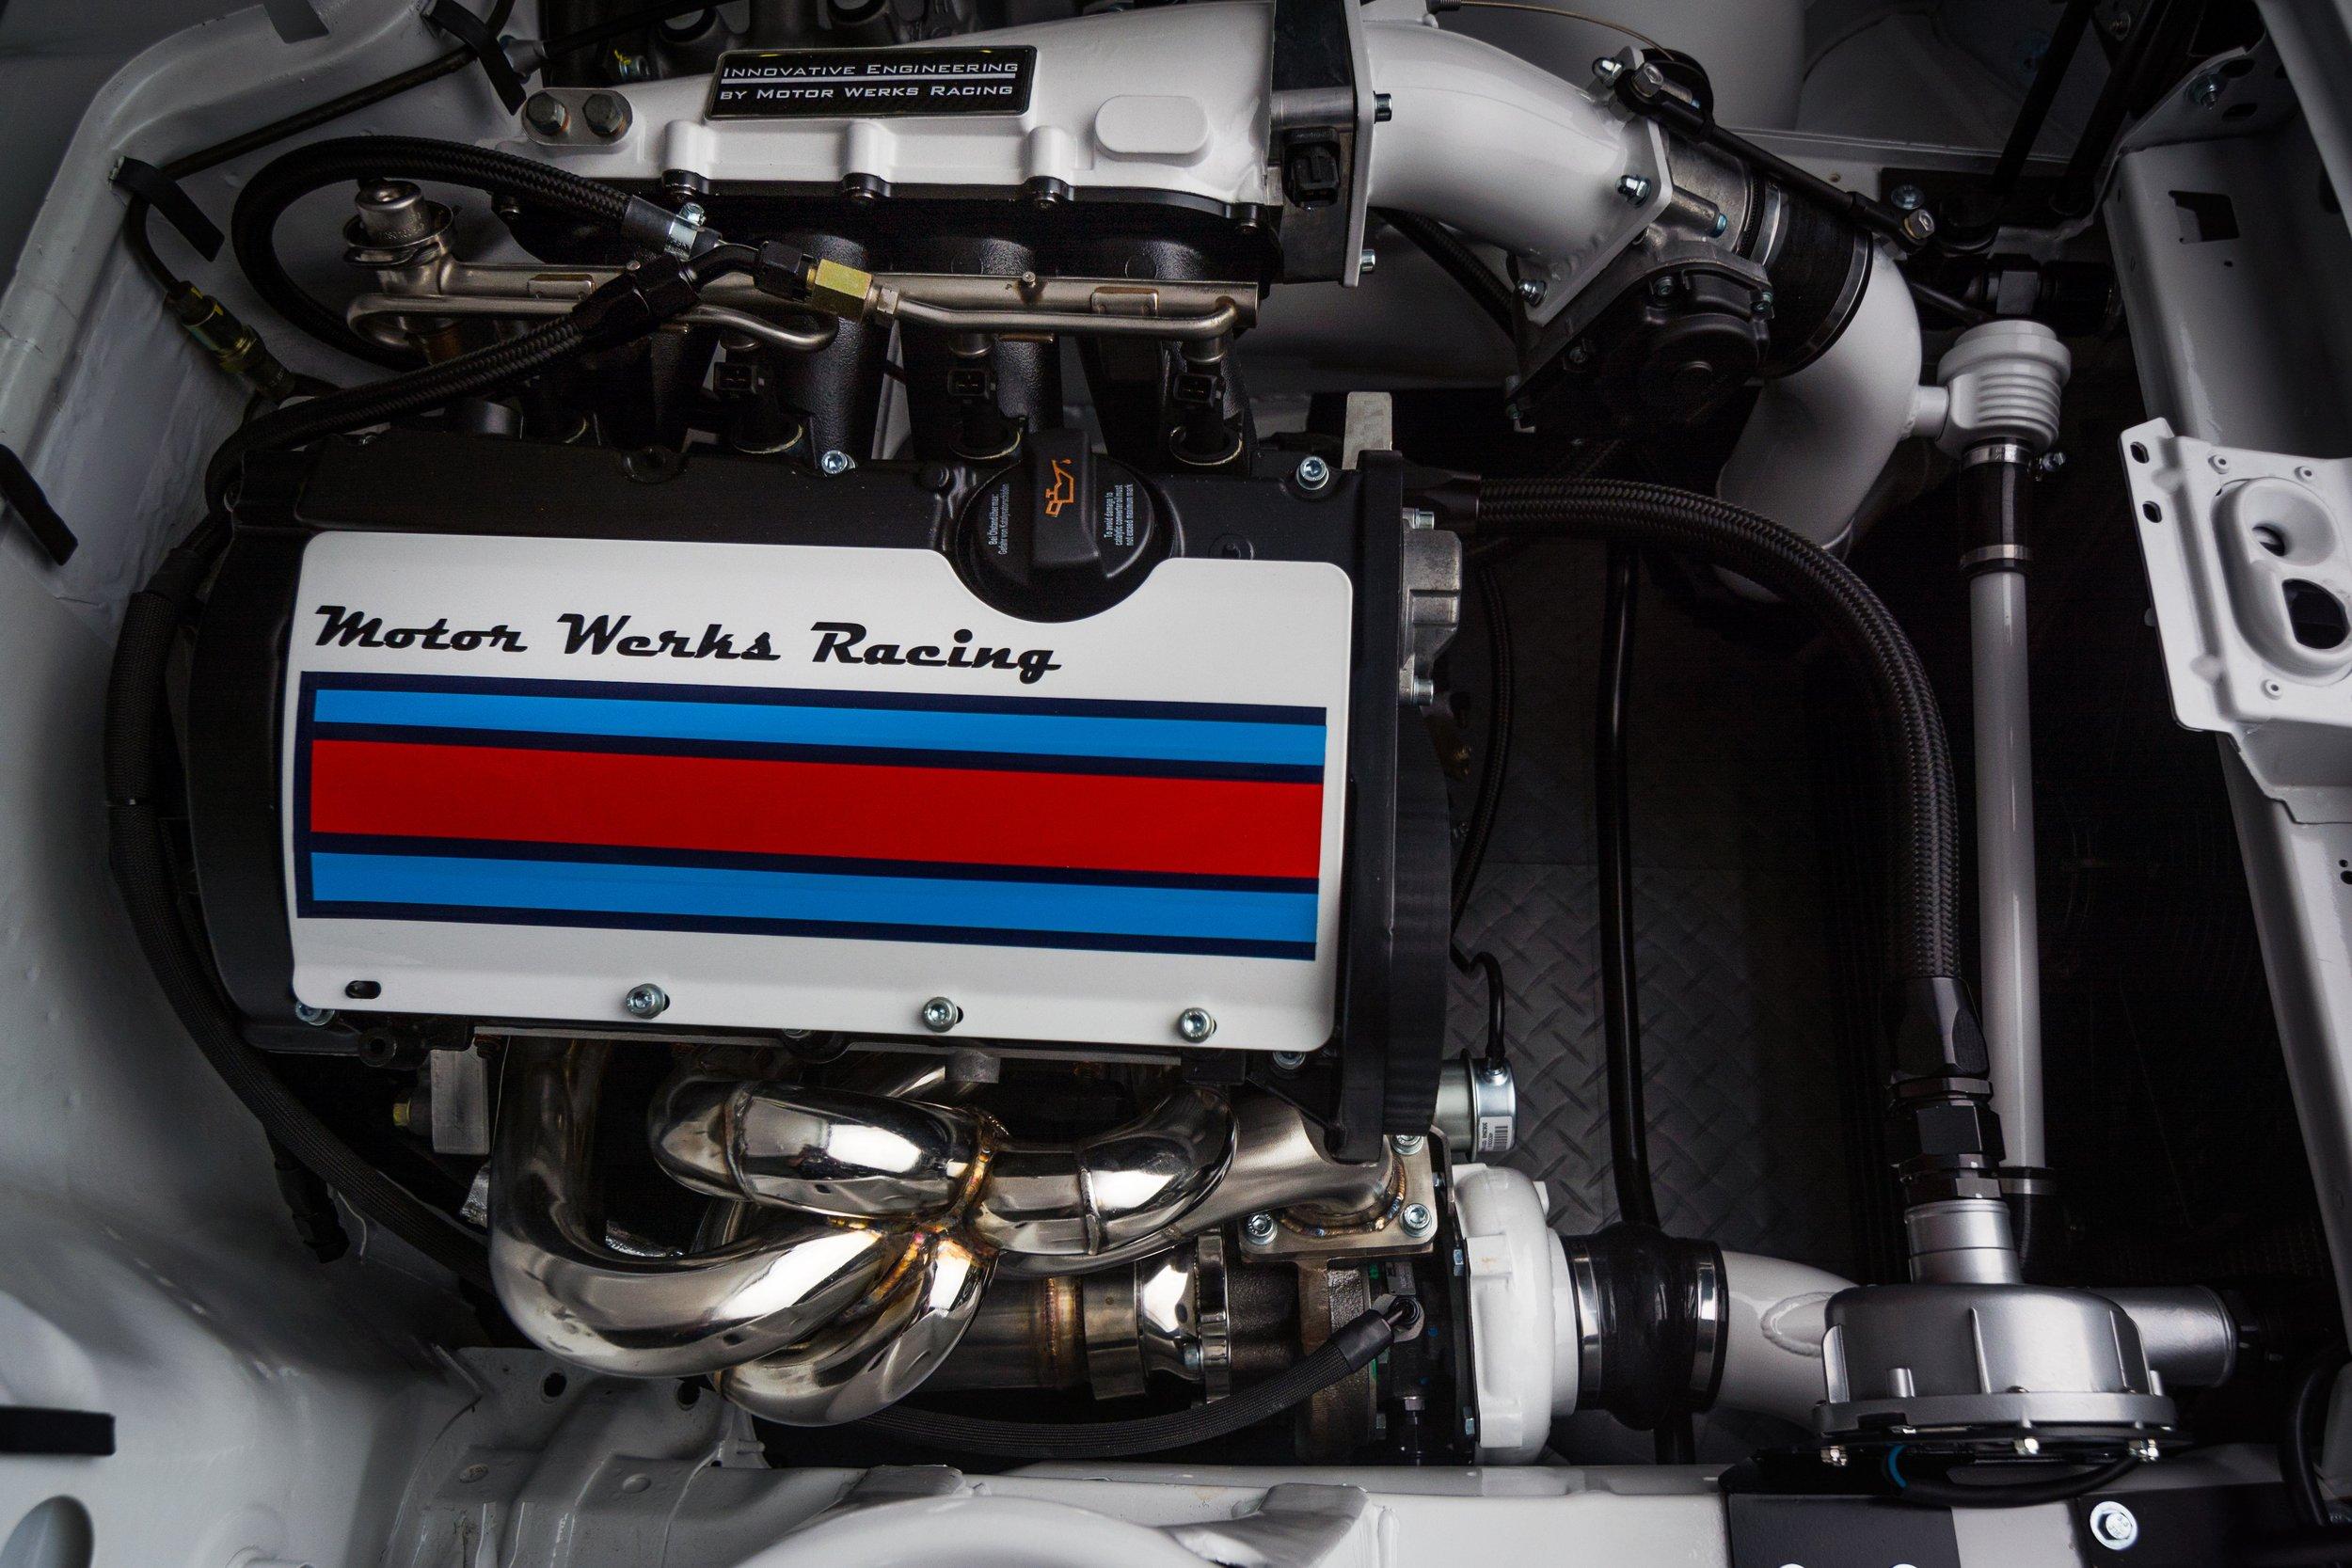 Motor Werks Racing 924 / 944 Engine Conversion